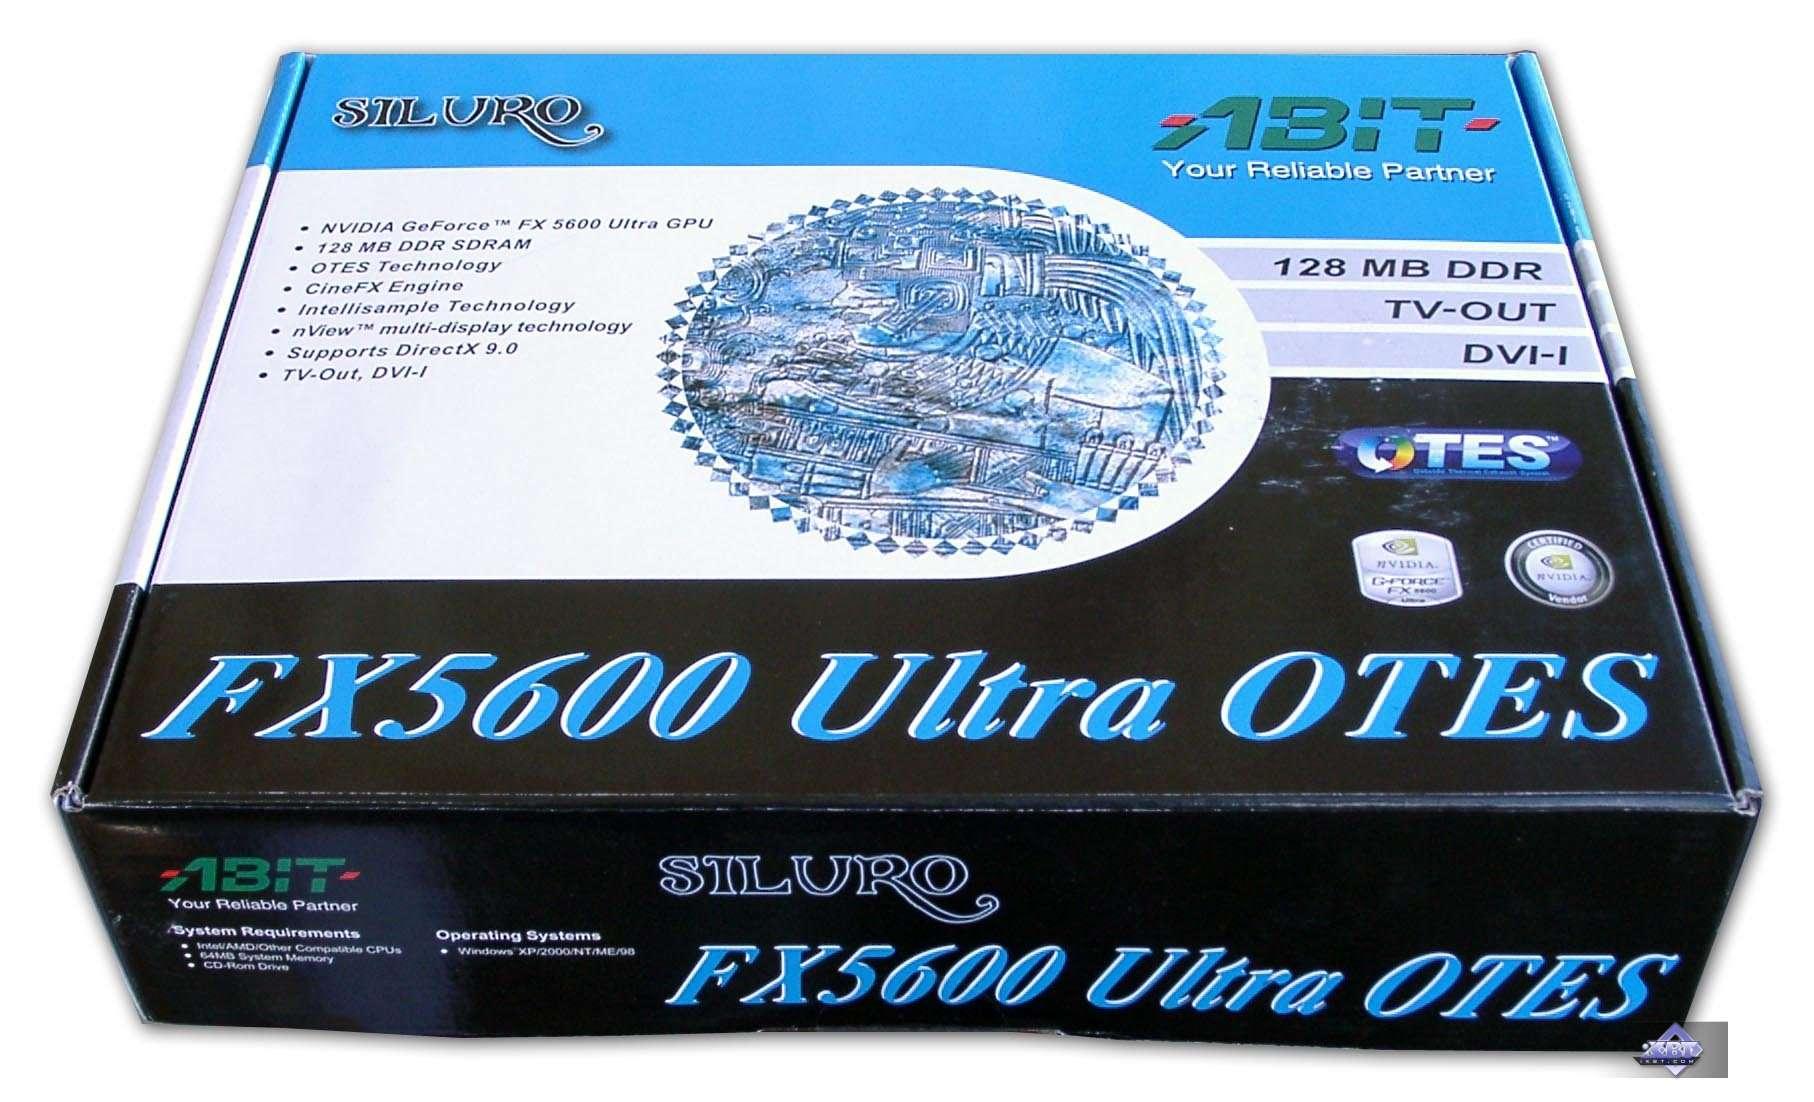 ABIT SILURO FX5600 OTES DOWNLOAD DRIVER